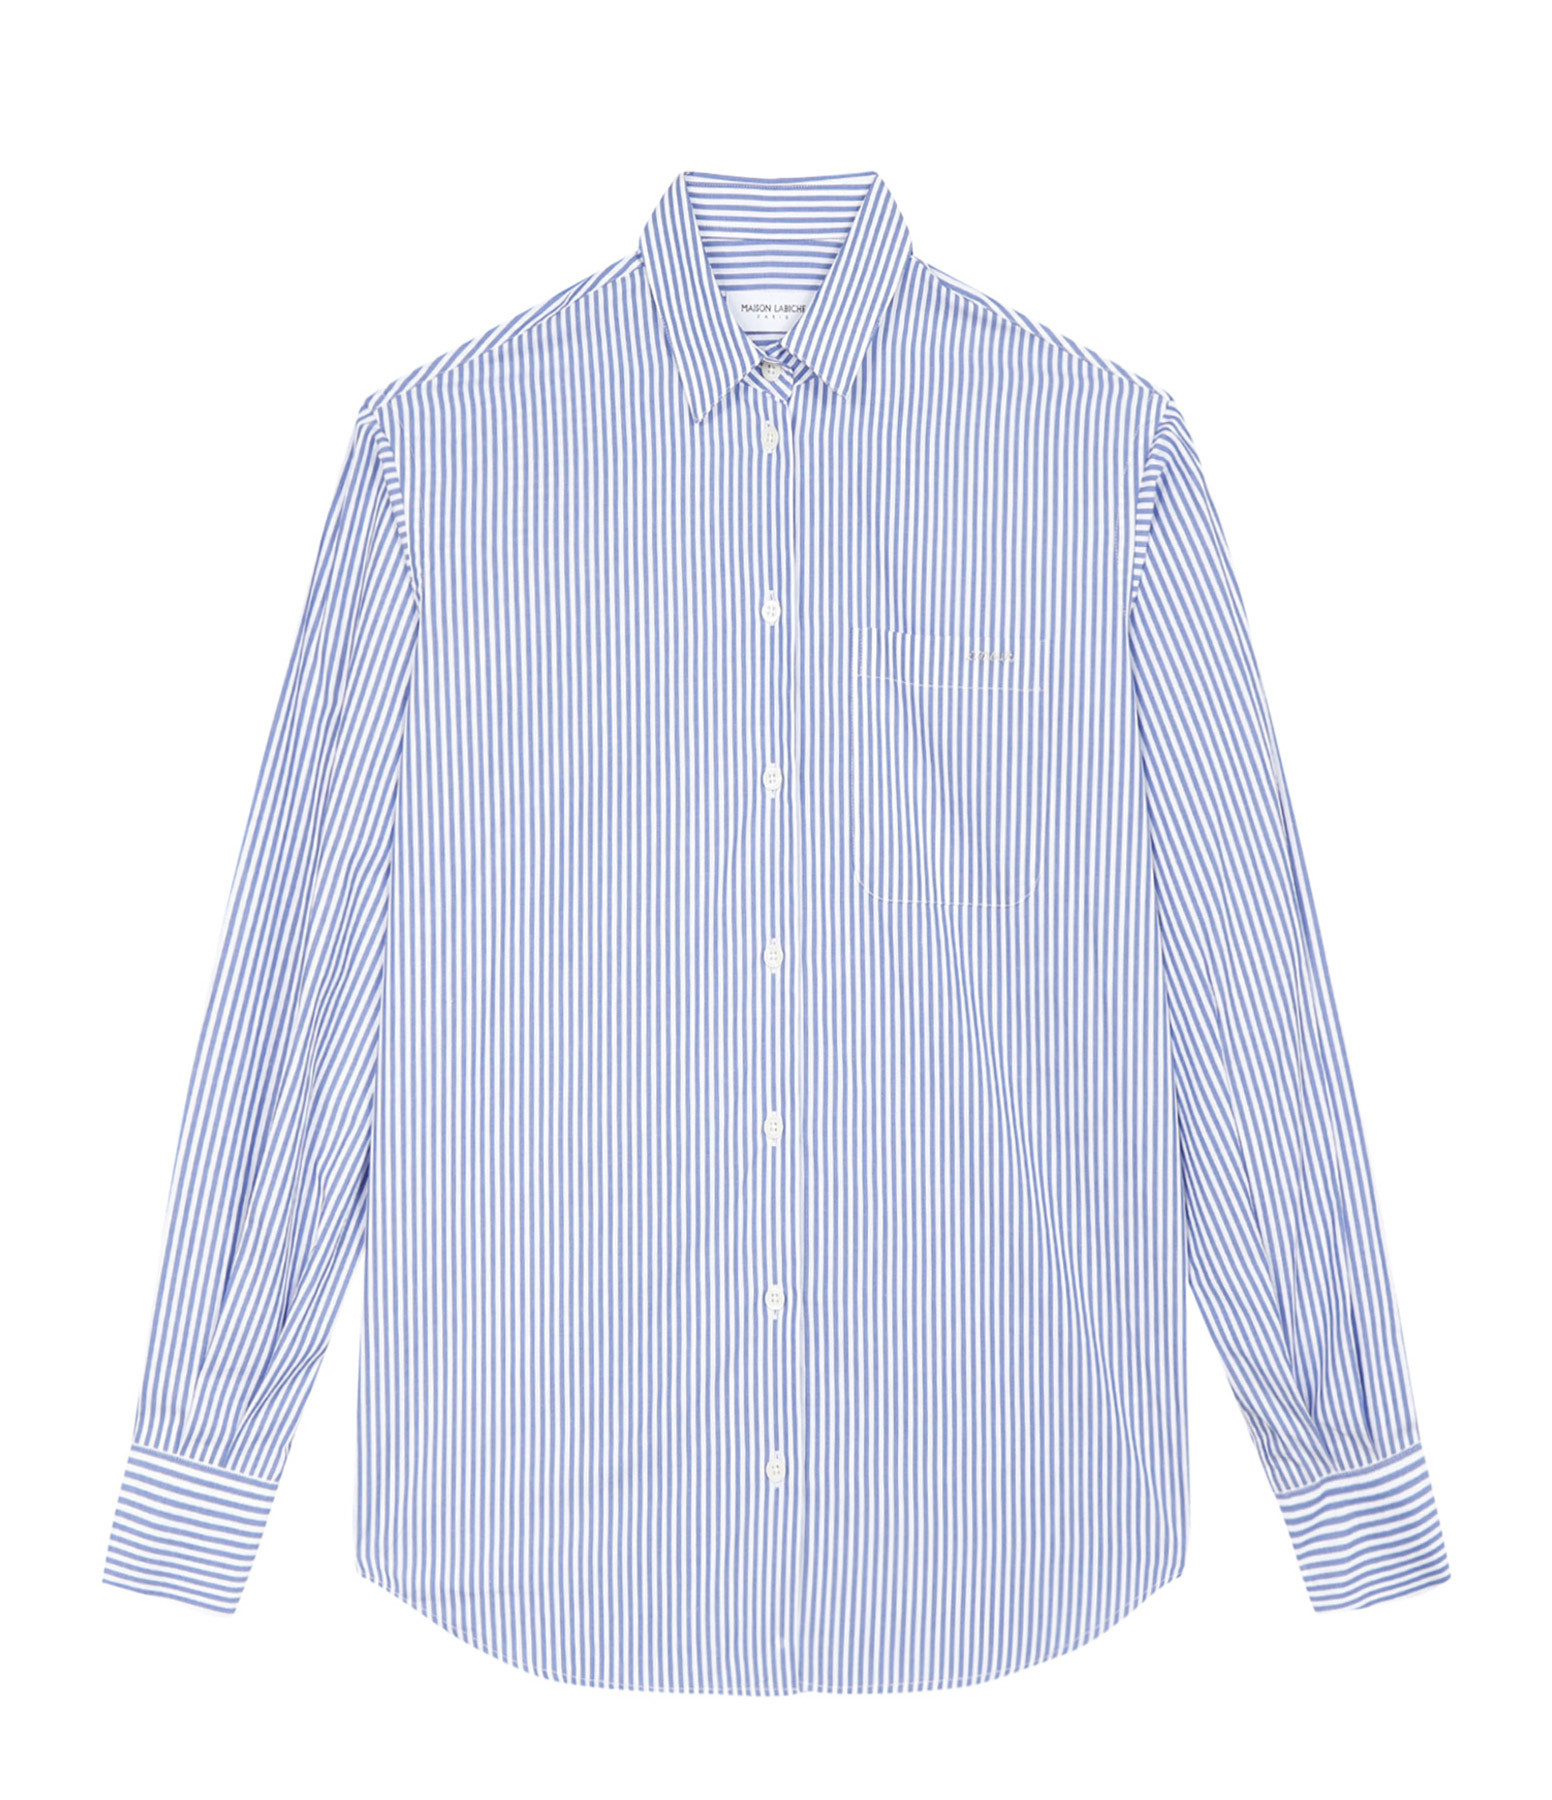 MAISON LABICHE - Chemise Amour Coton Rayures Bleu Blanc